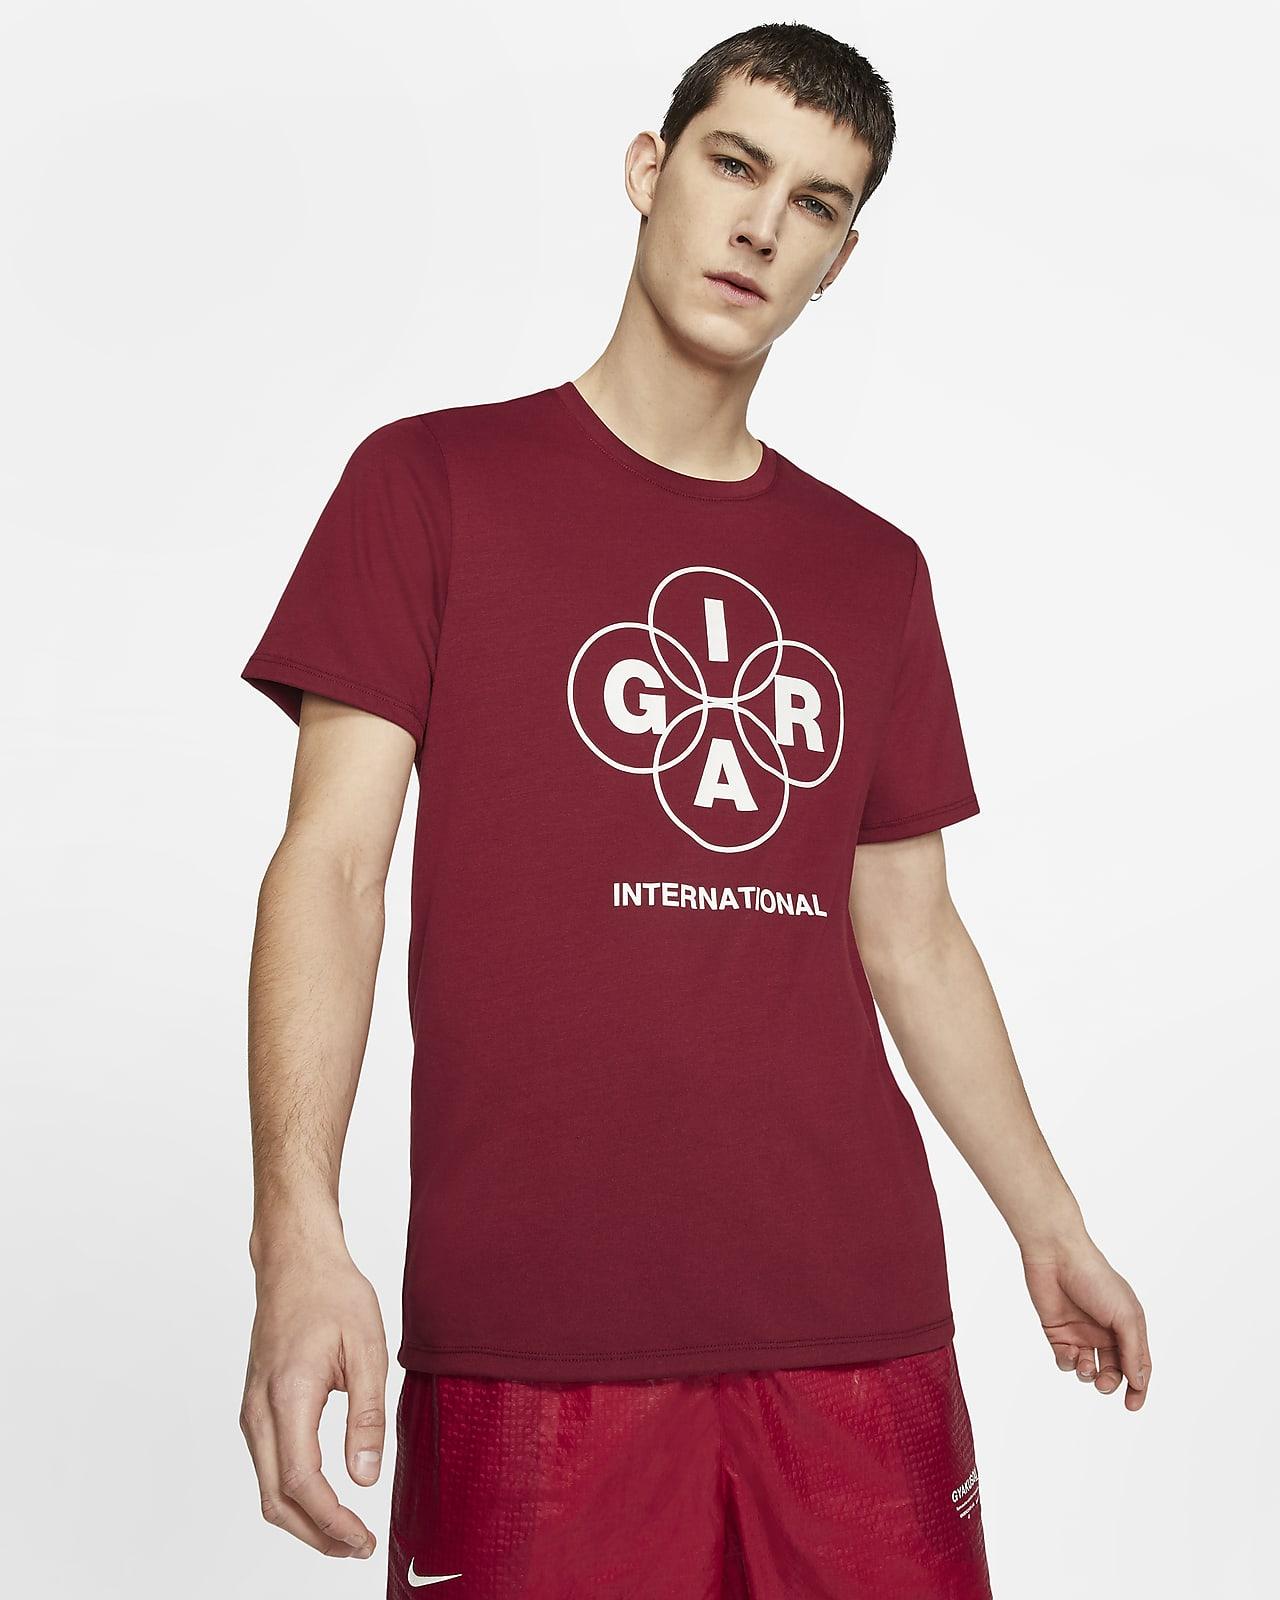 Nike x Gyakusou 男子跑步T恤